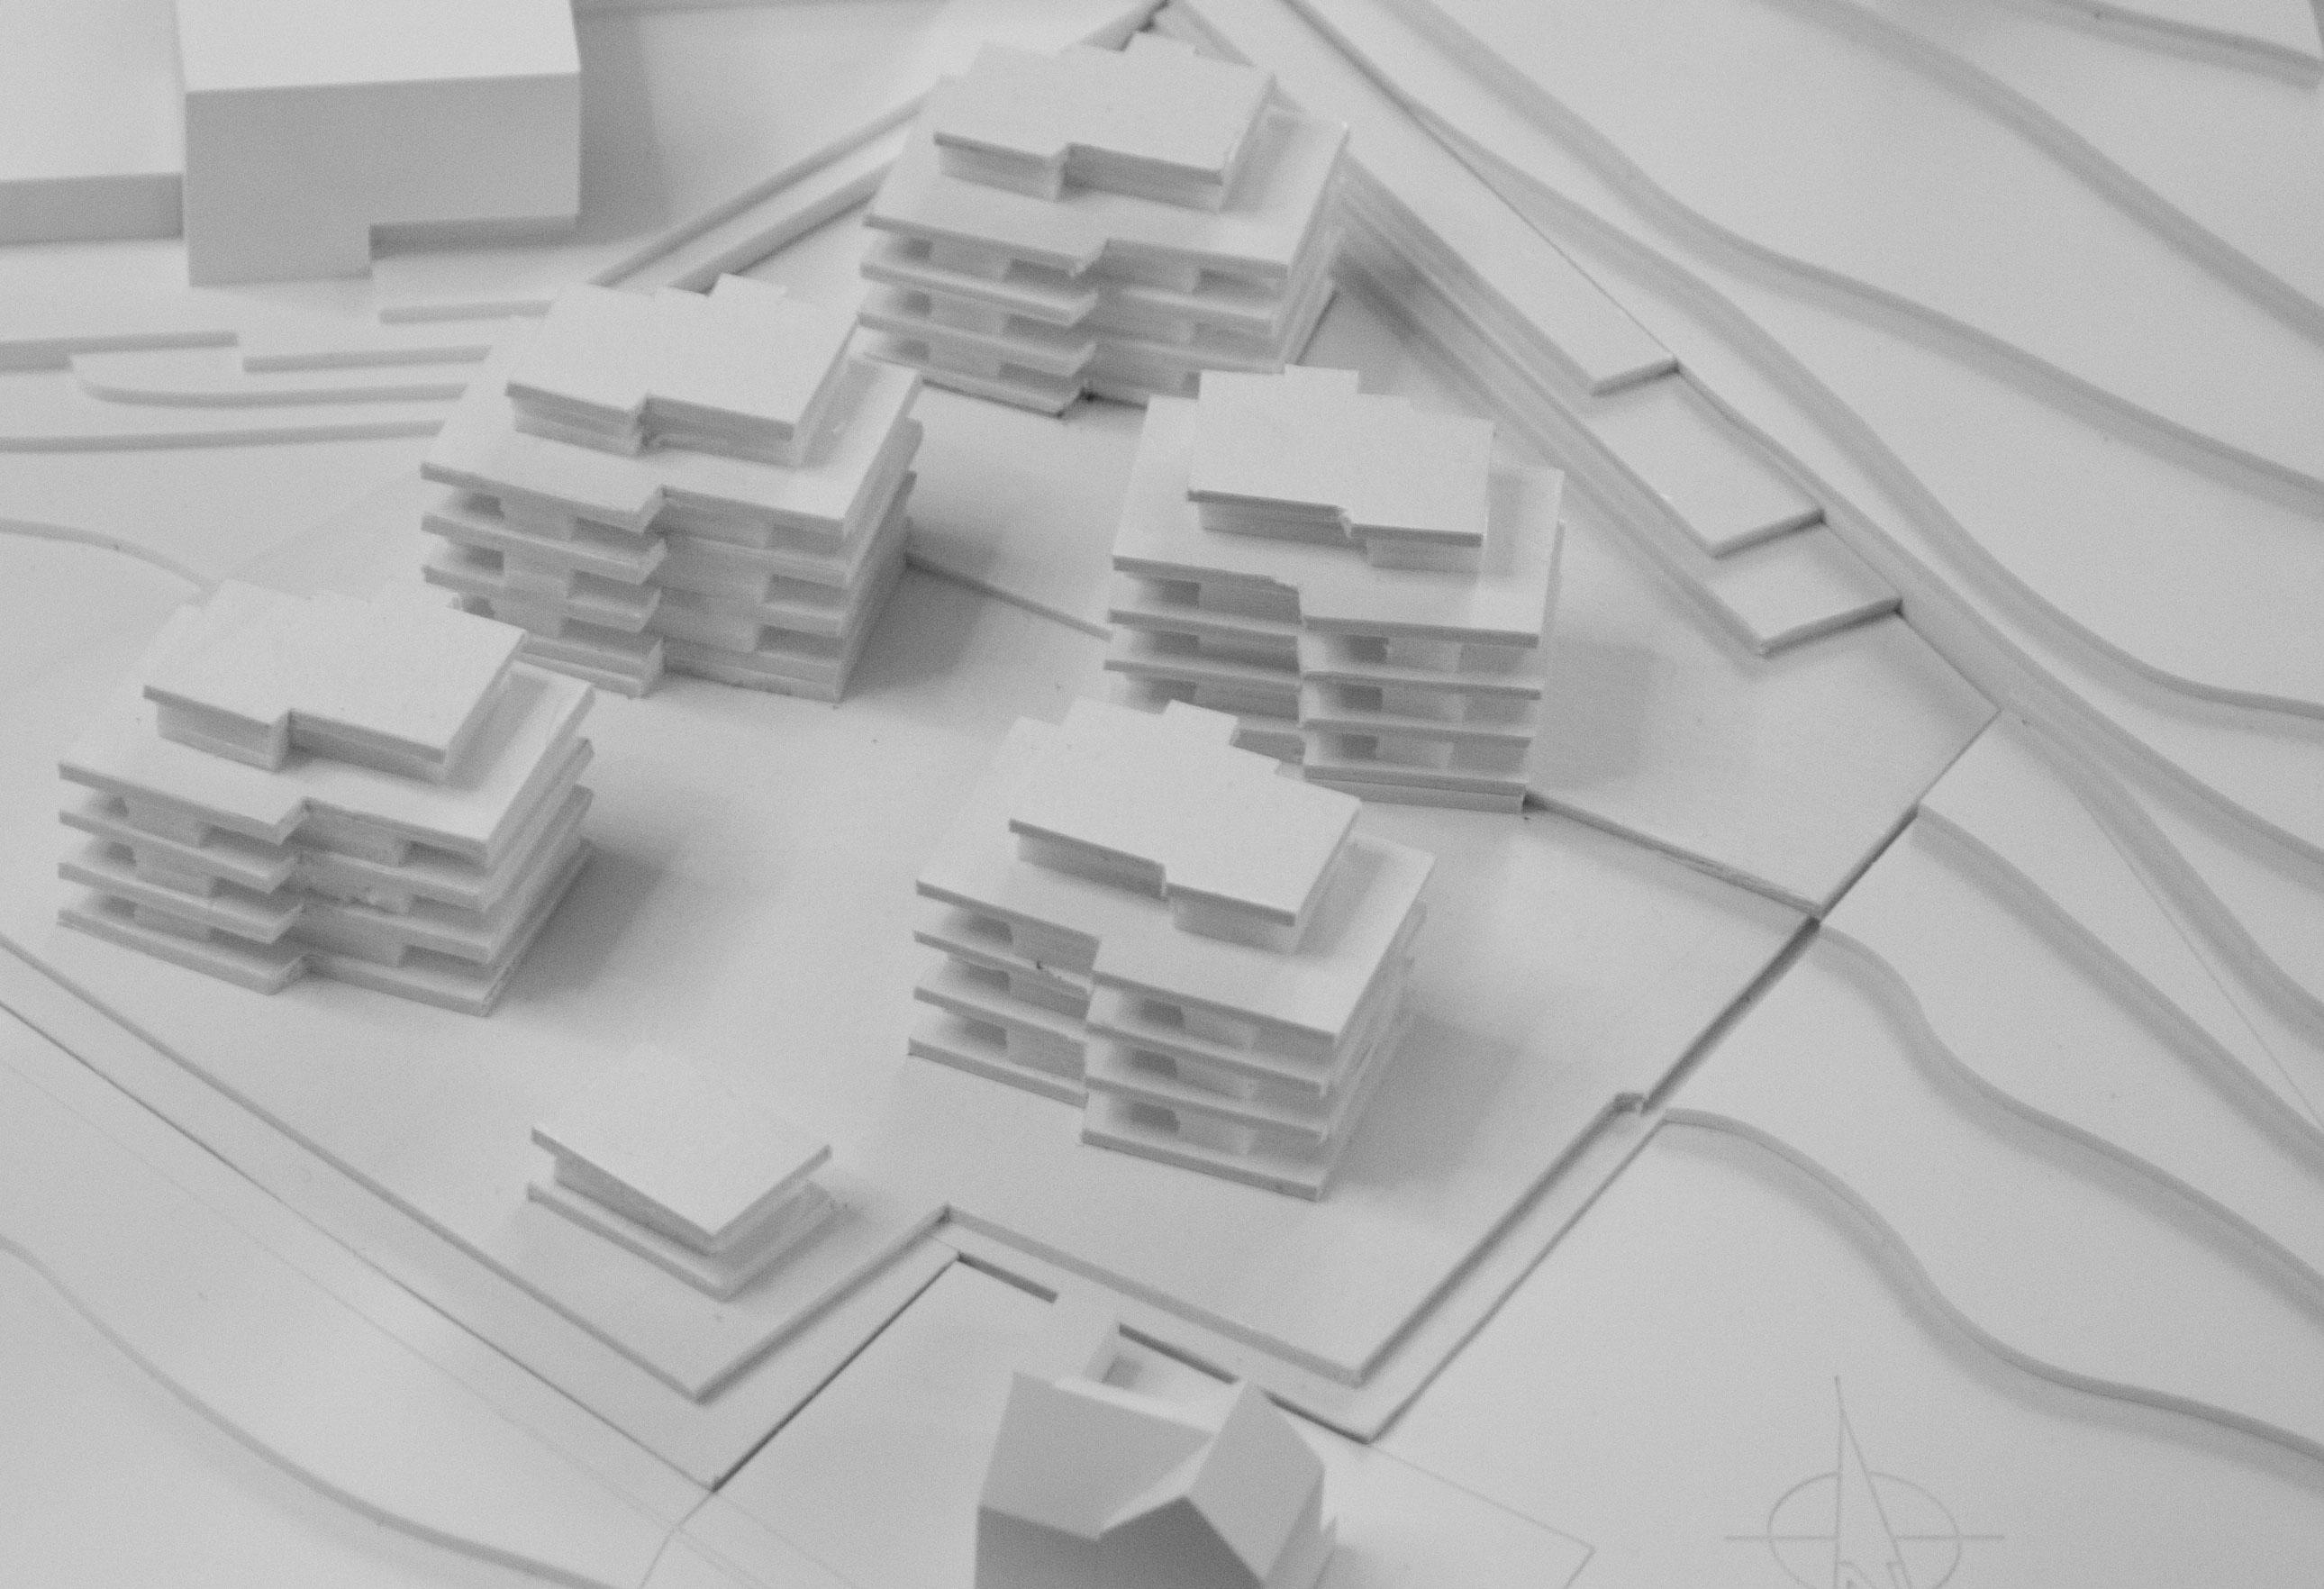 Überbauung-Studie-MO-Architektur-Uznach-Linthgebiet-Ostschweiz-Modellfoto